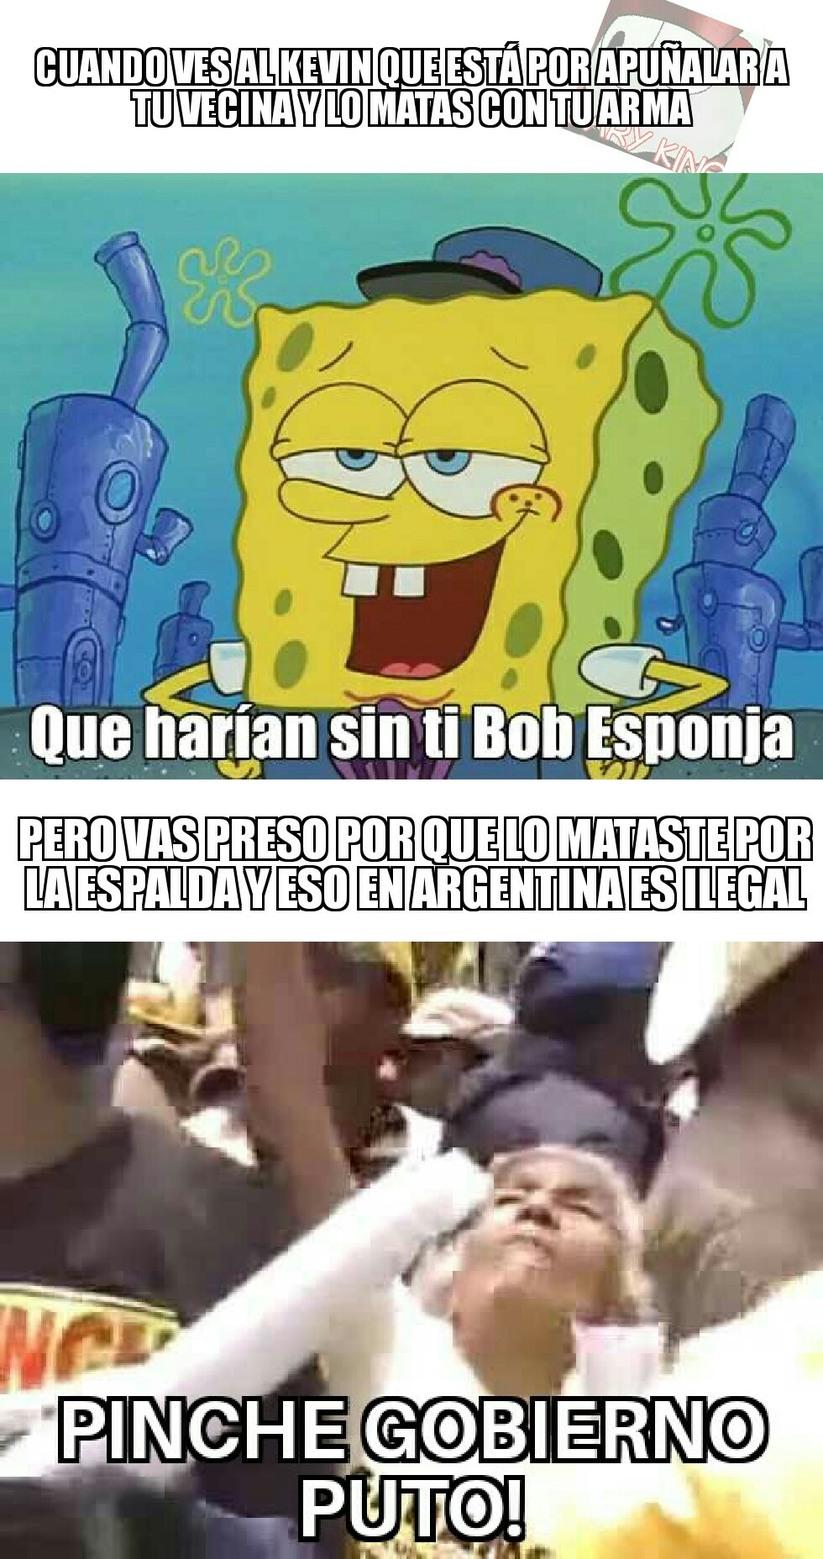 Grande Argentina! - meme